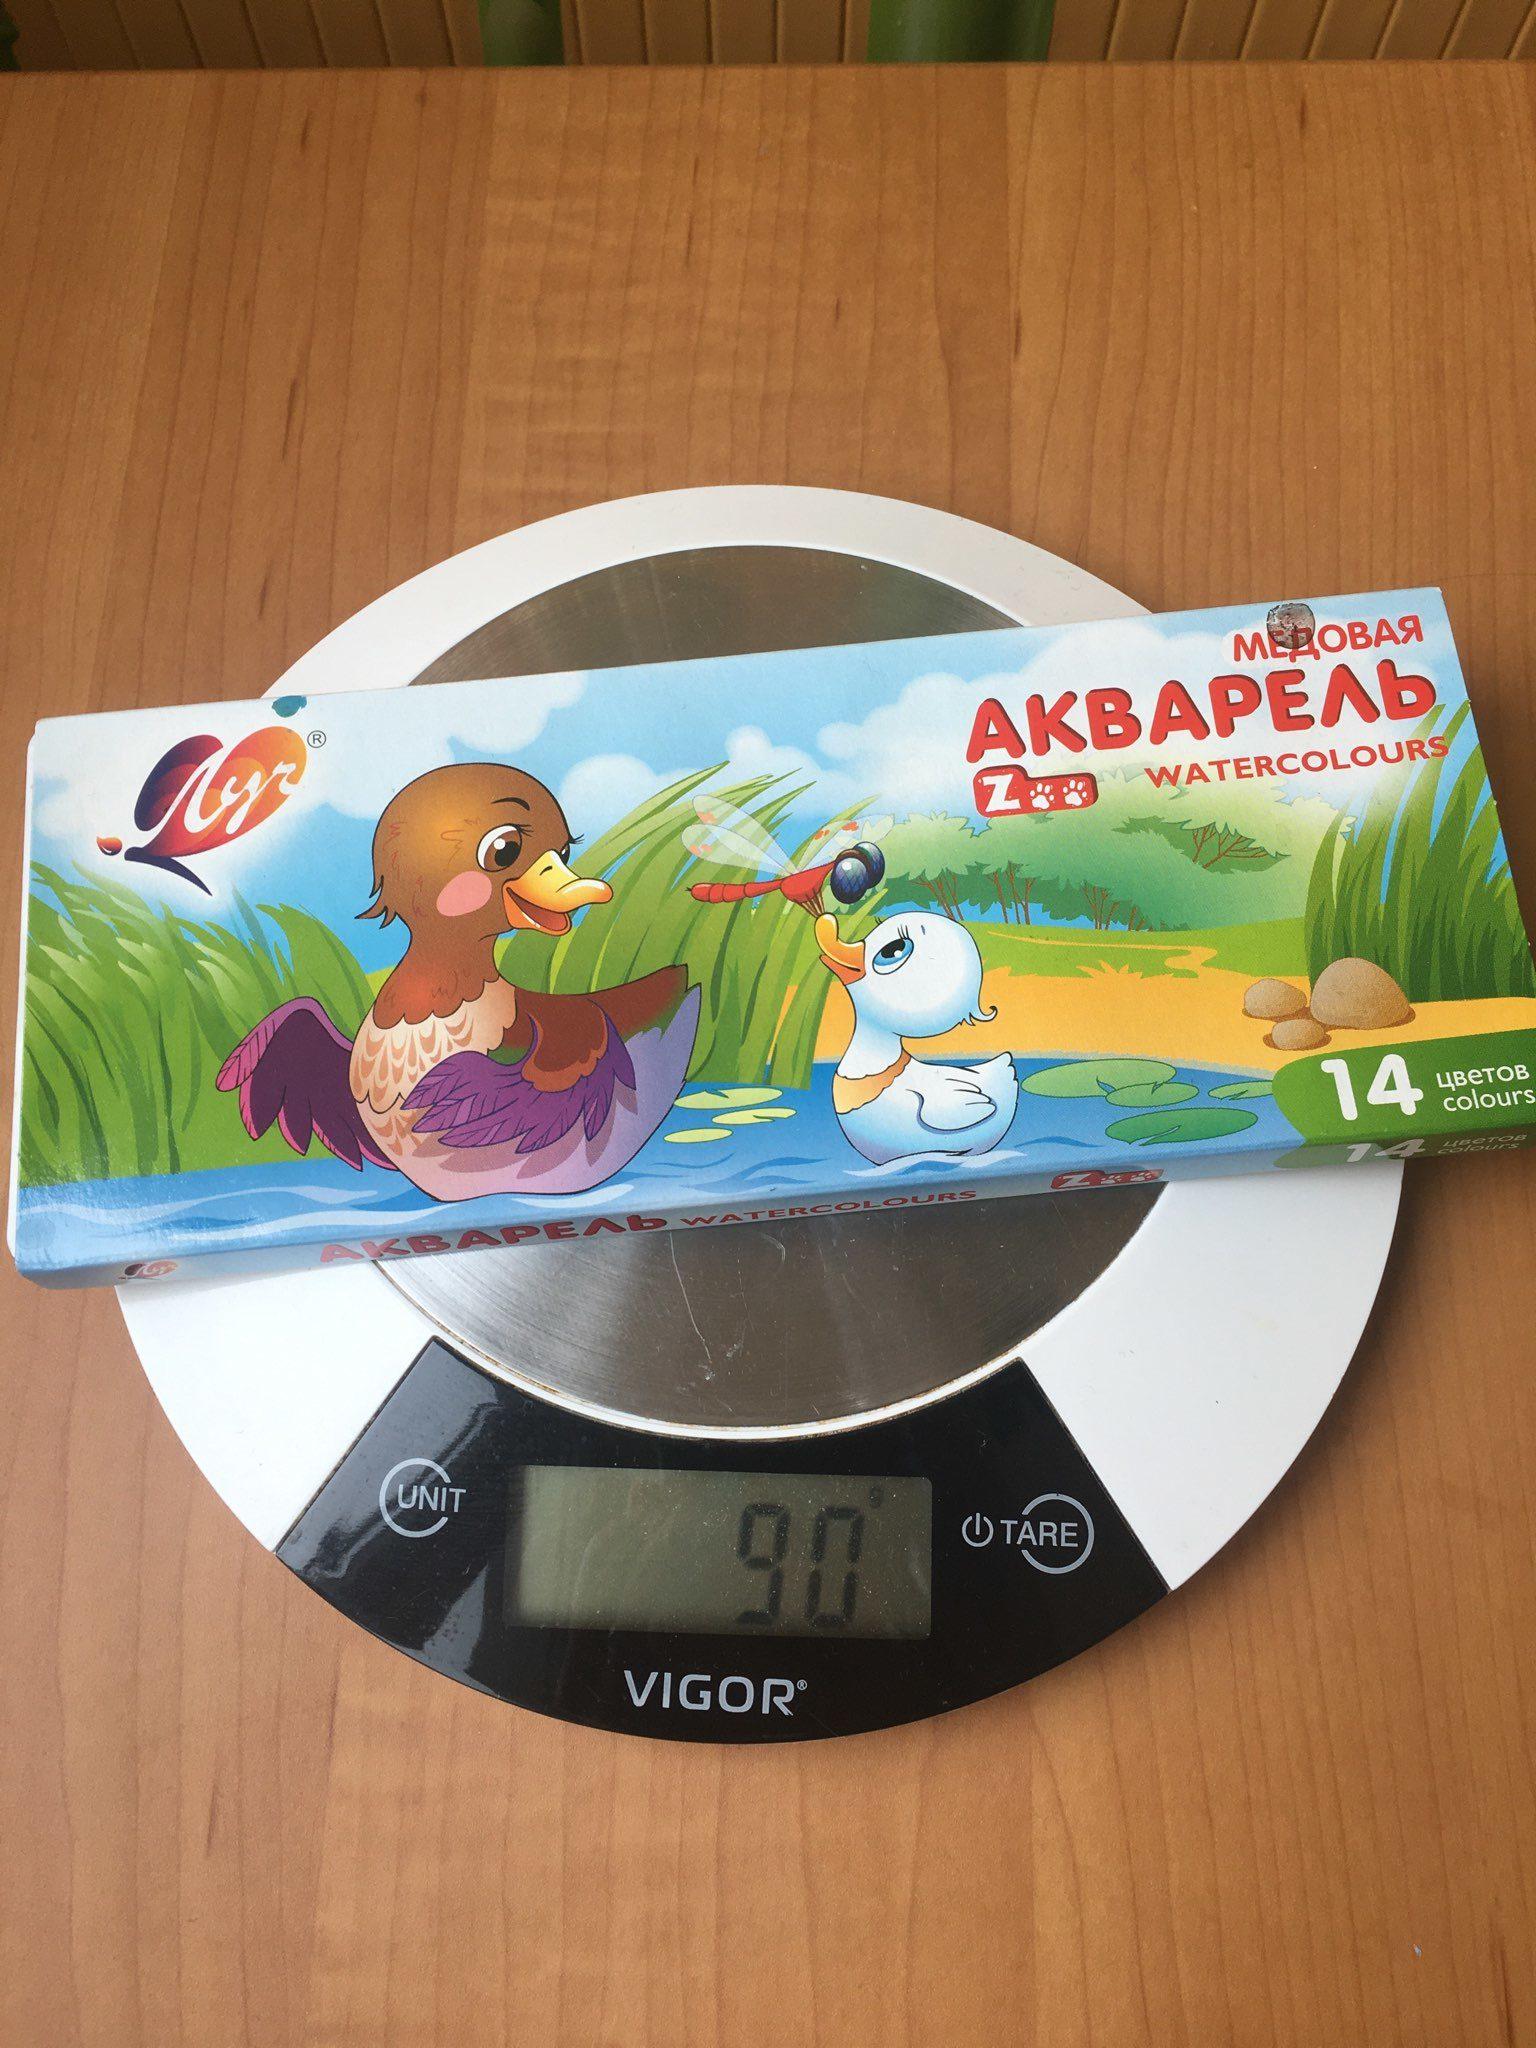 вес акварели медовой